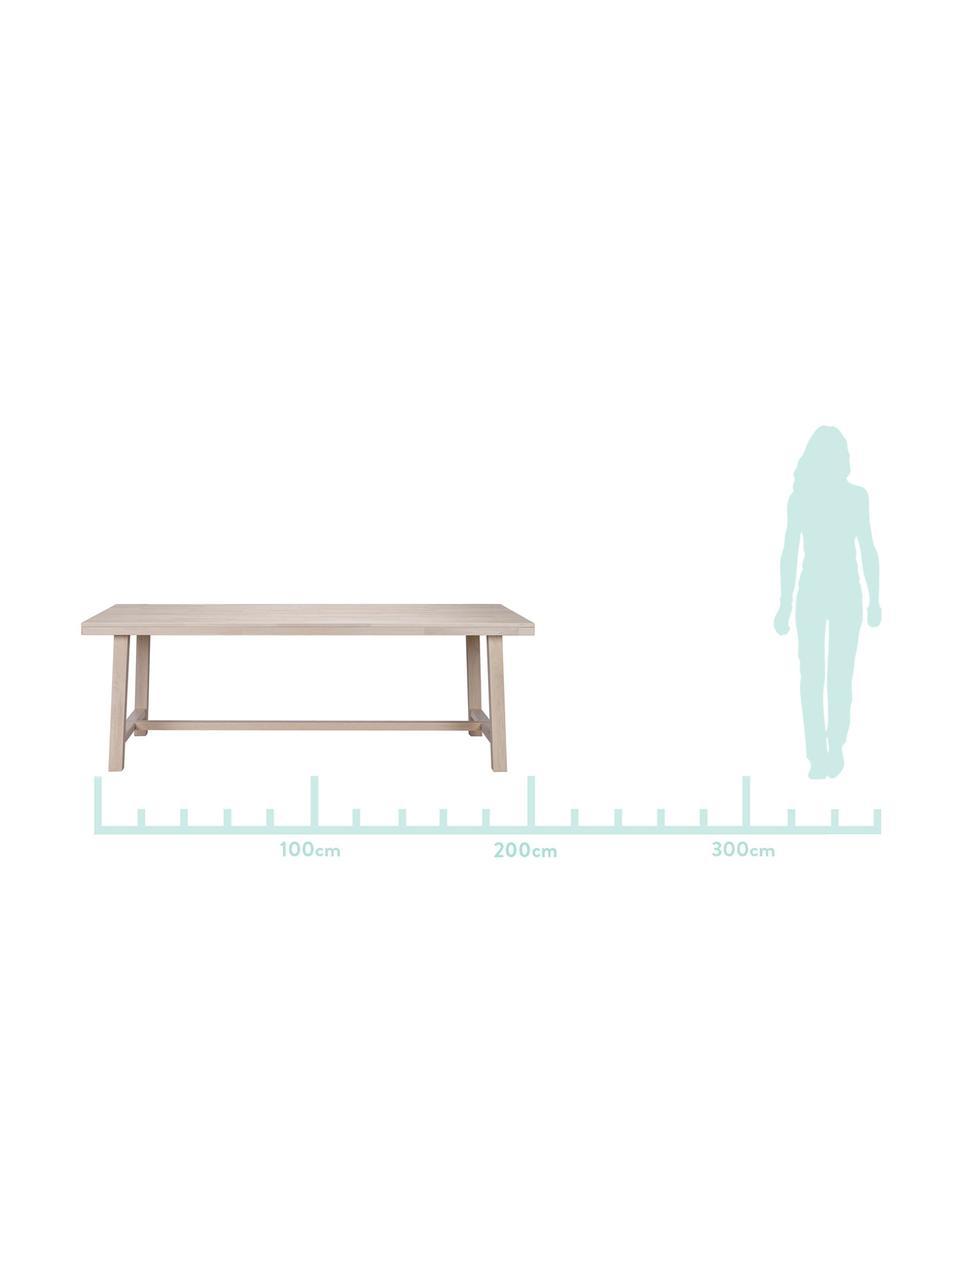 Großer Massivholz Esstisch Brooklyn, Massives Eichenholz, weiß gewaschen und geölt, Eiche, weiß gewaschen, B 220 x T 95 cm